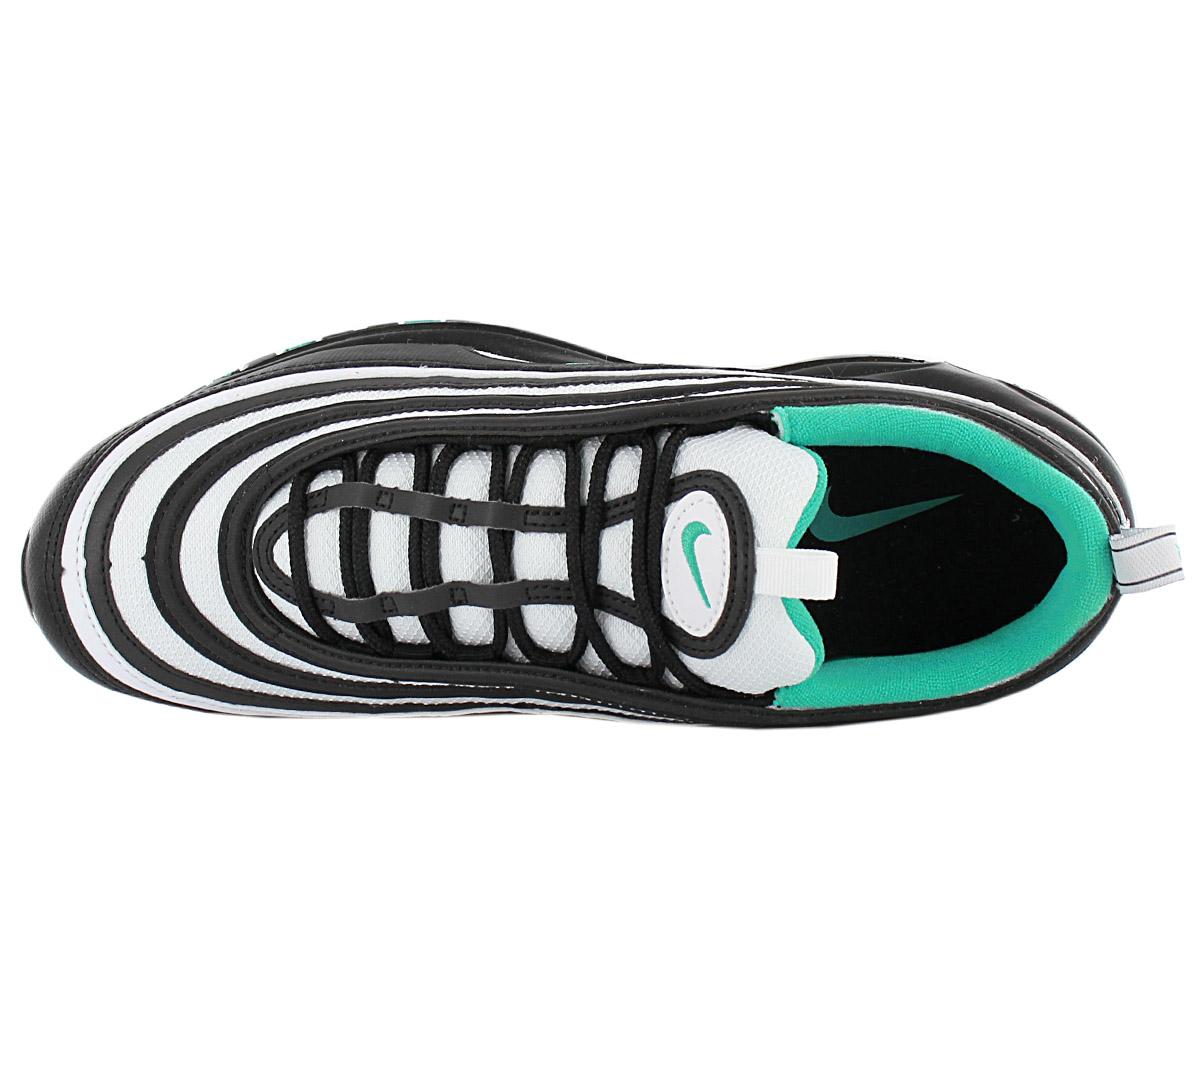 Nike air max 97 Men's Premium Sneaker 921826013 Black Green